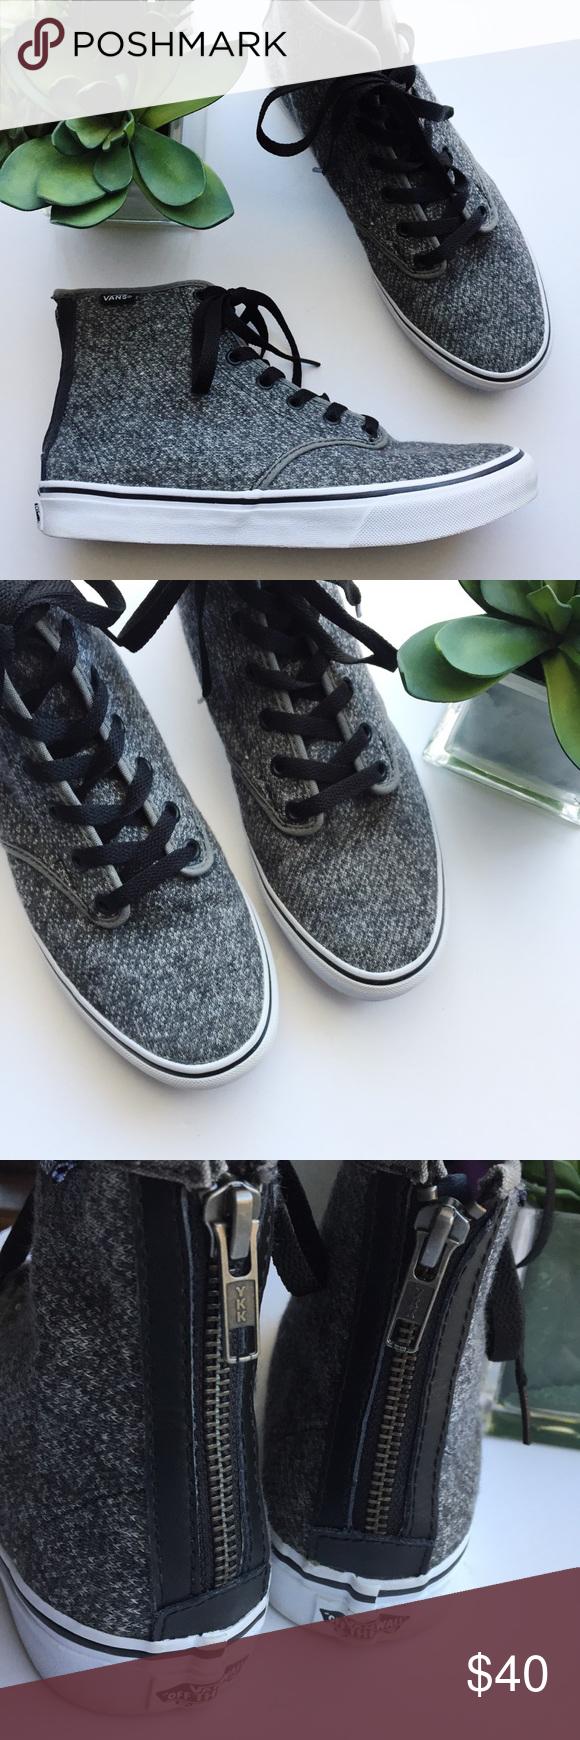 271d714f16 Vans Women s Sk8-Hi Zip Grey Tweed Camden Sneakers Vans Sk8-Hi Zip Grey Tweed  Camden Slim Skate Shoe